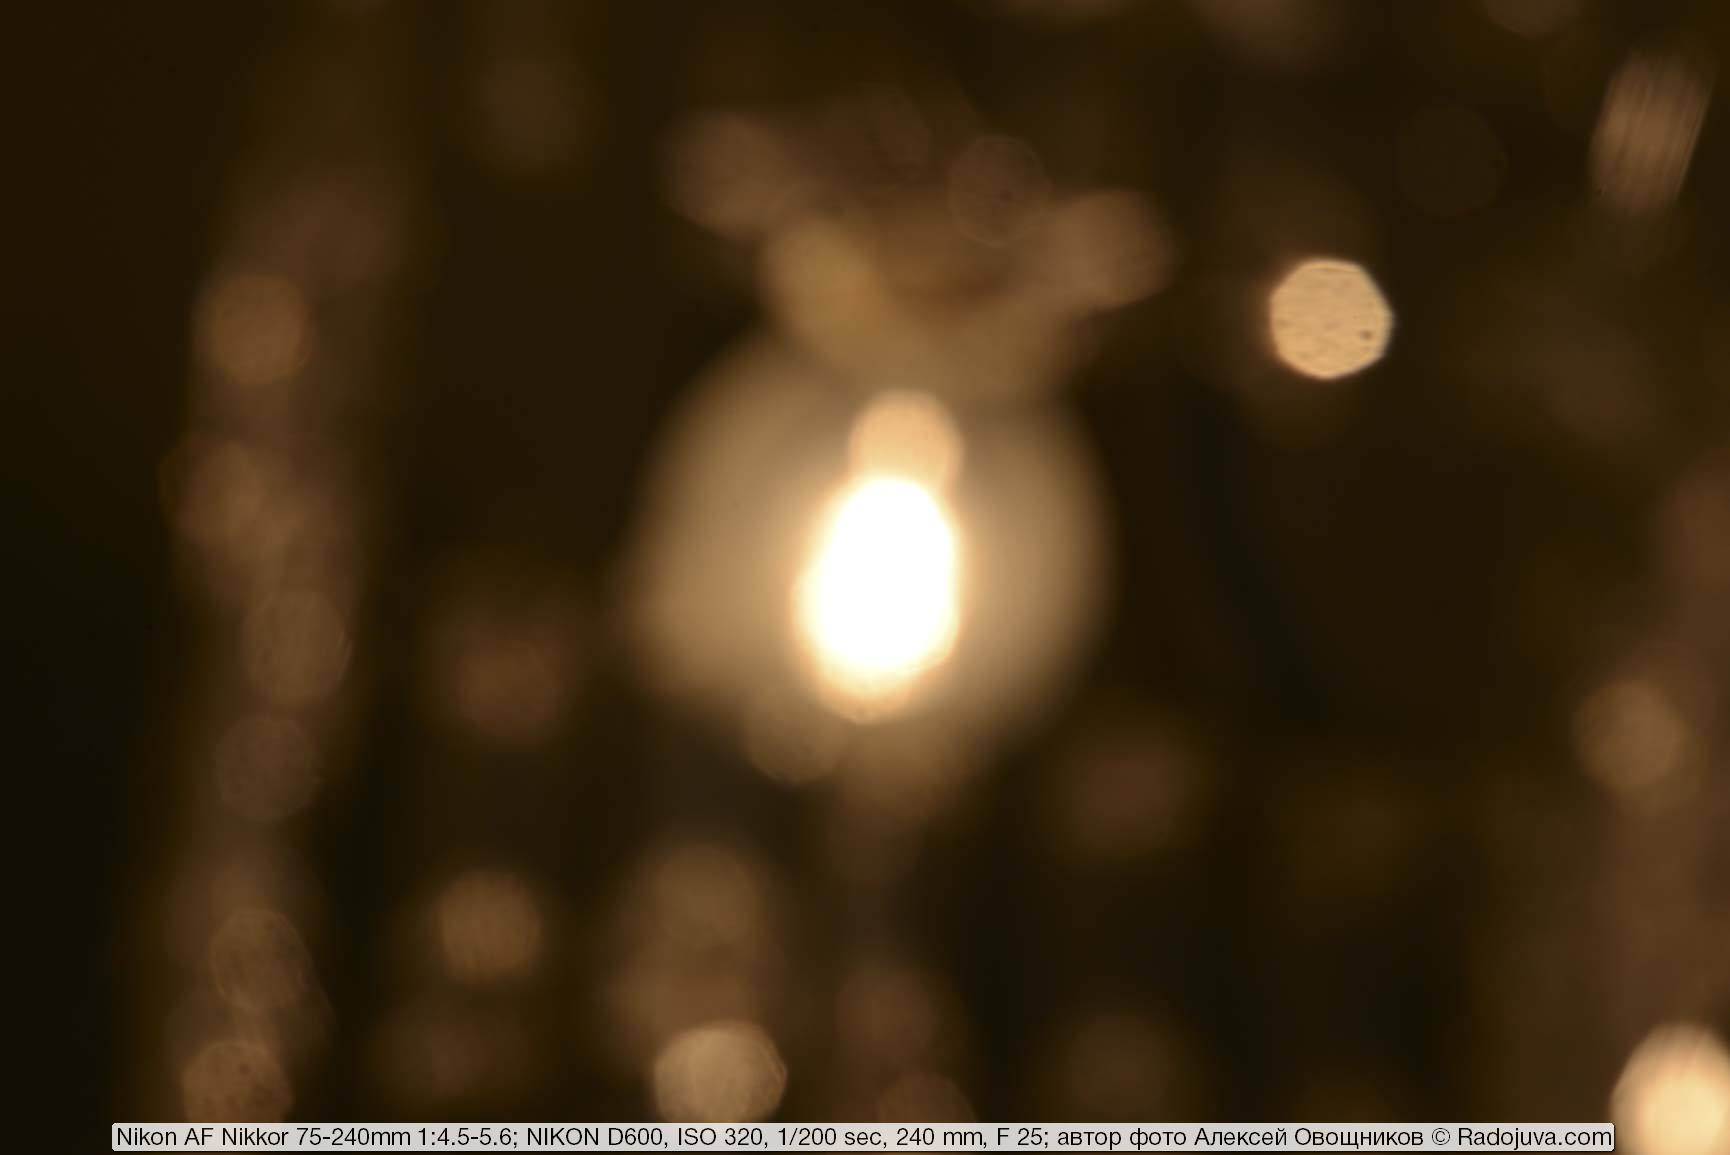 Nikon AF Nikkor 75-240mm 1:4.5-5.6 на прикрытой диафрагме